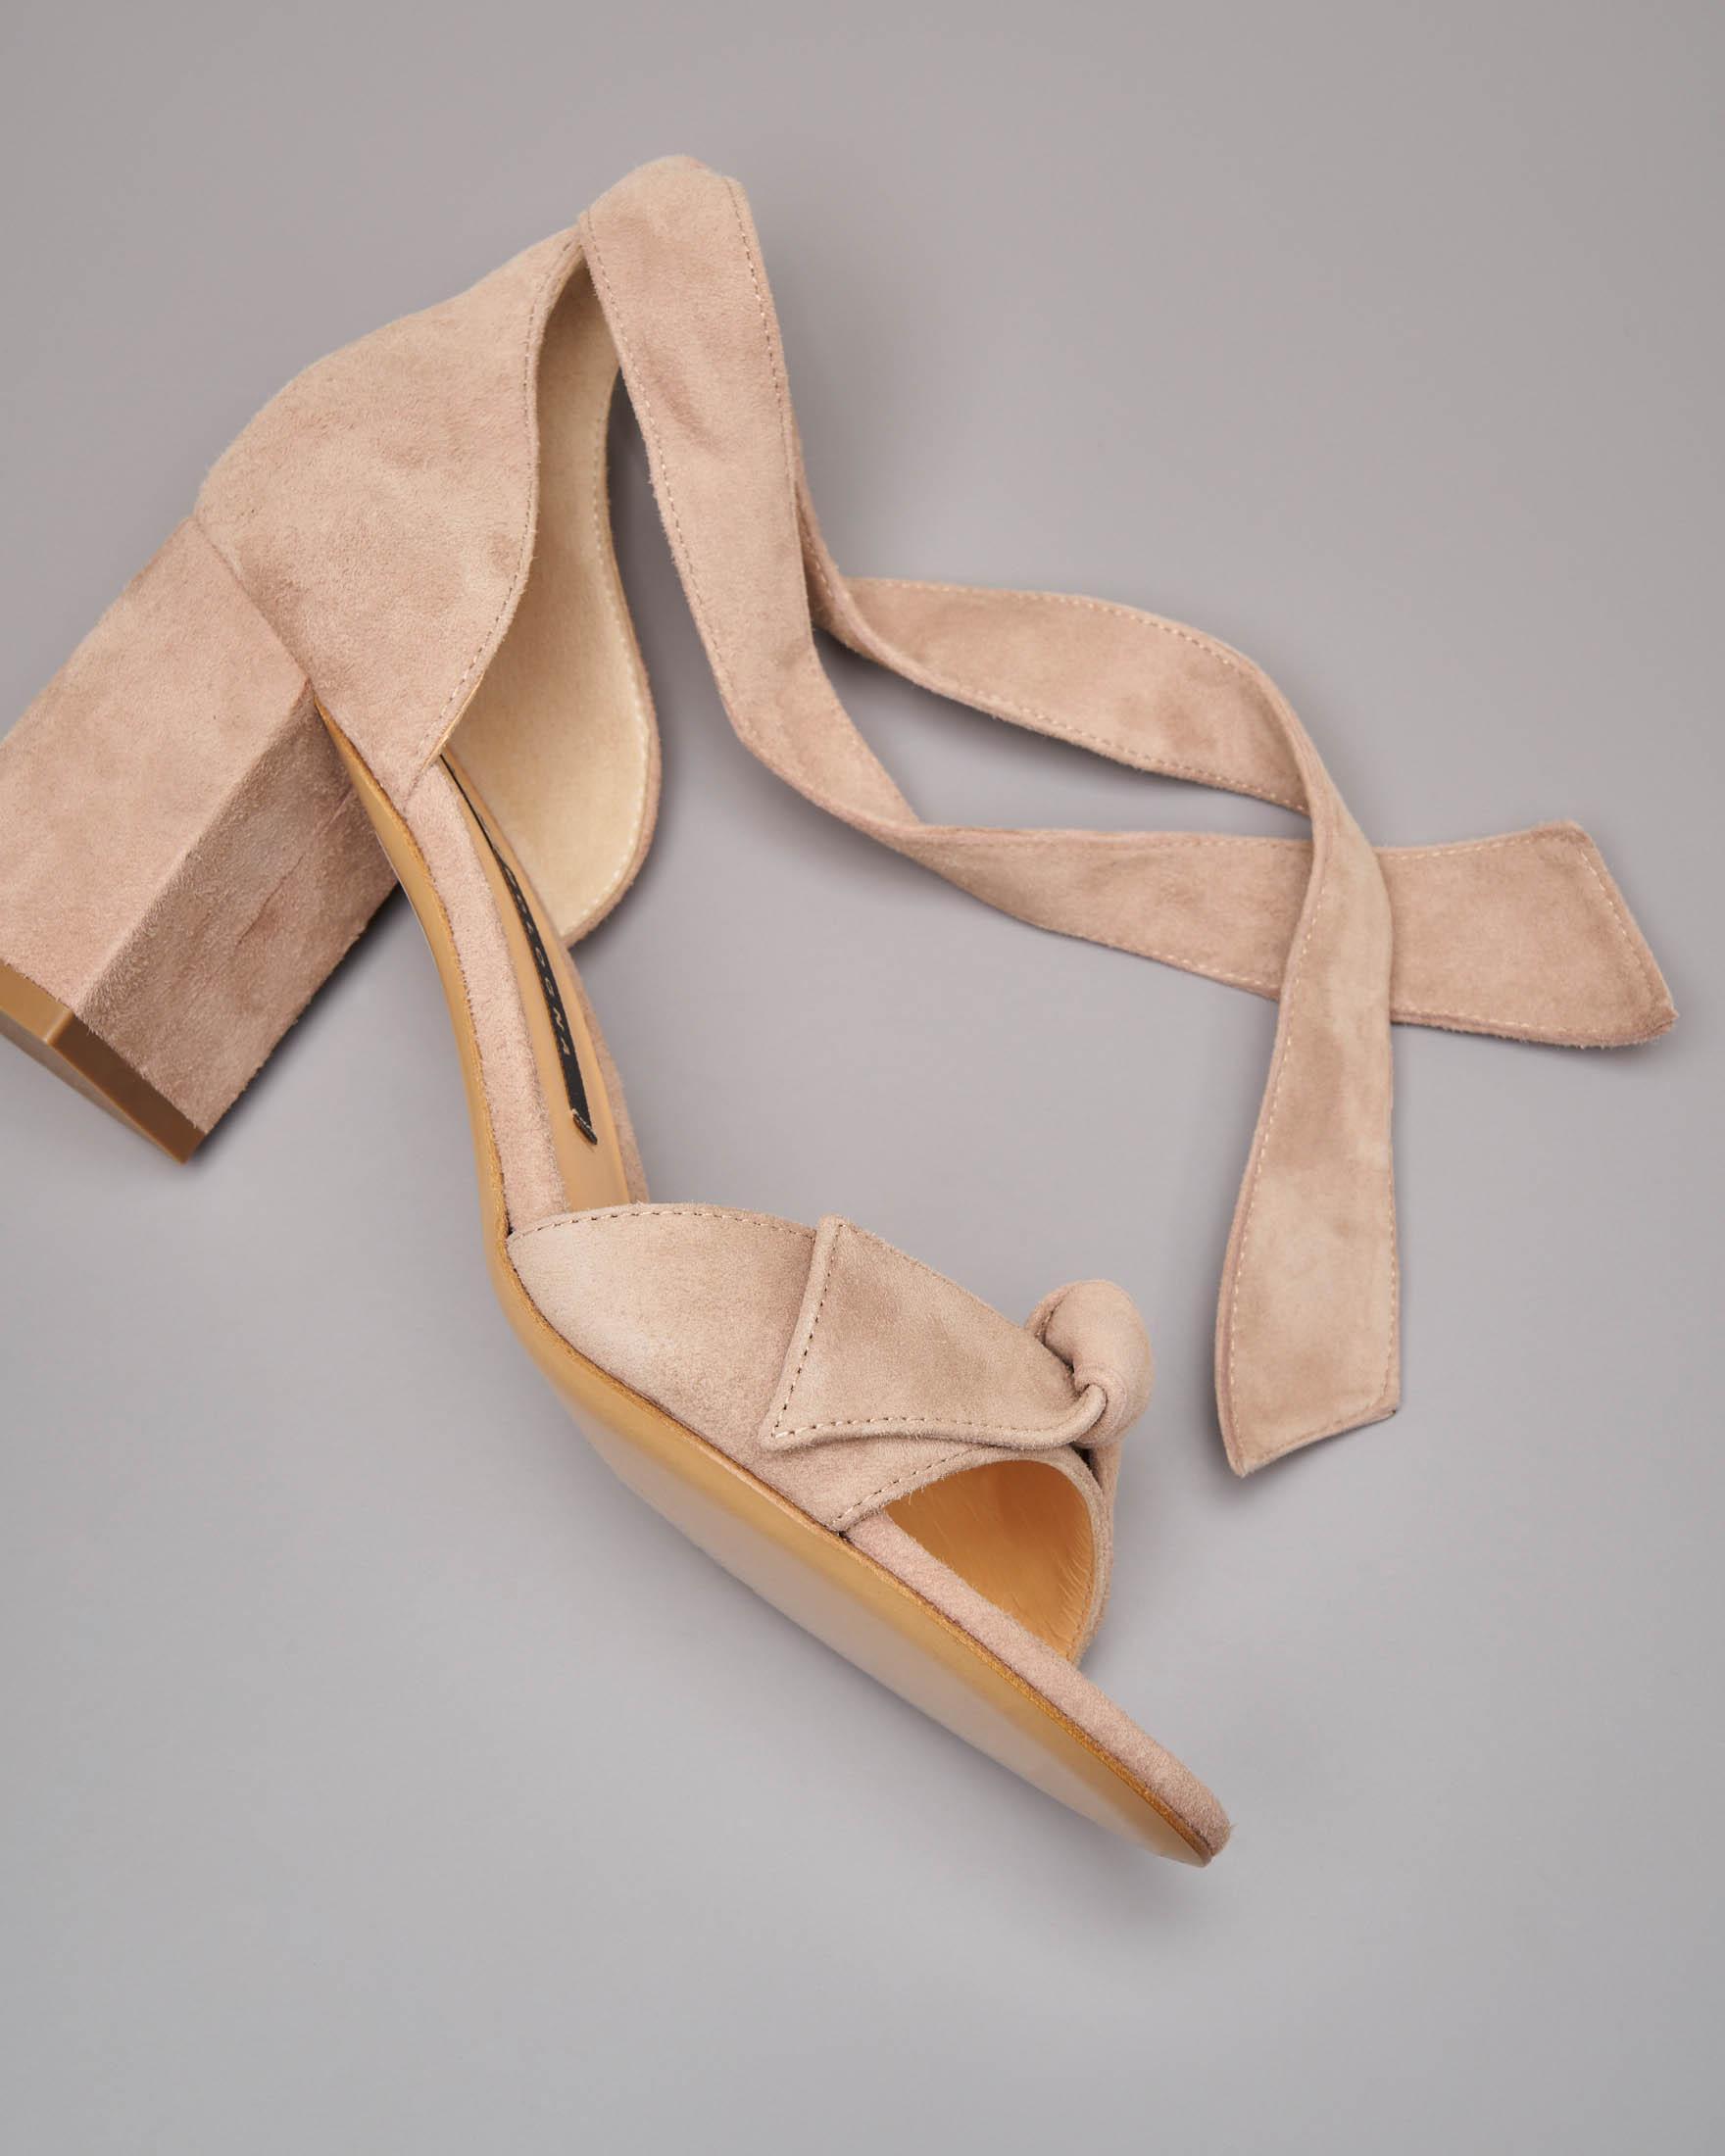 Sandalo in camoscio color cipria con tallone chiuso e fiocco alla caviglia